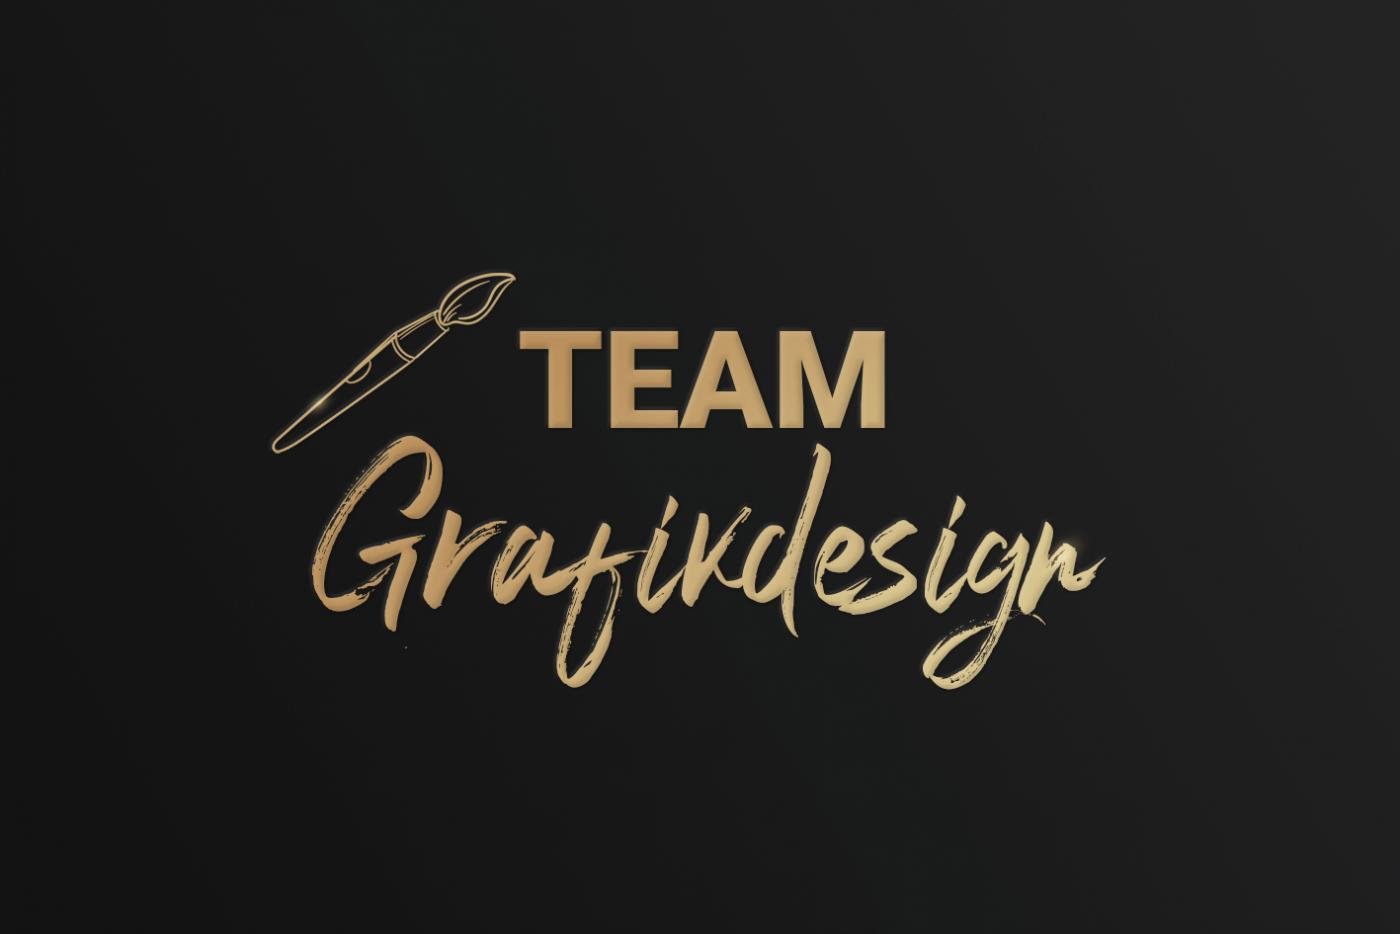 Kachel Abteilung Grafikdesign 1400x934 - Karriere